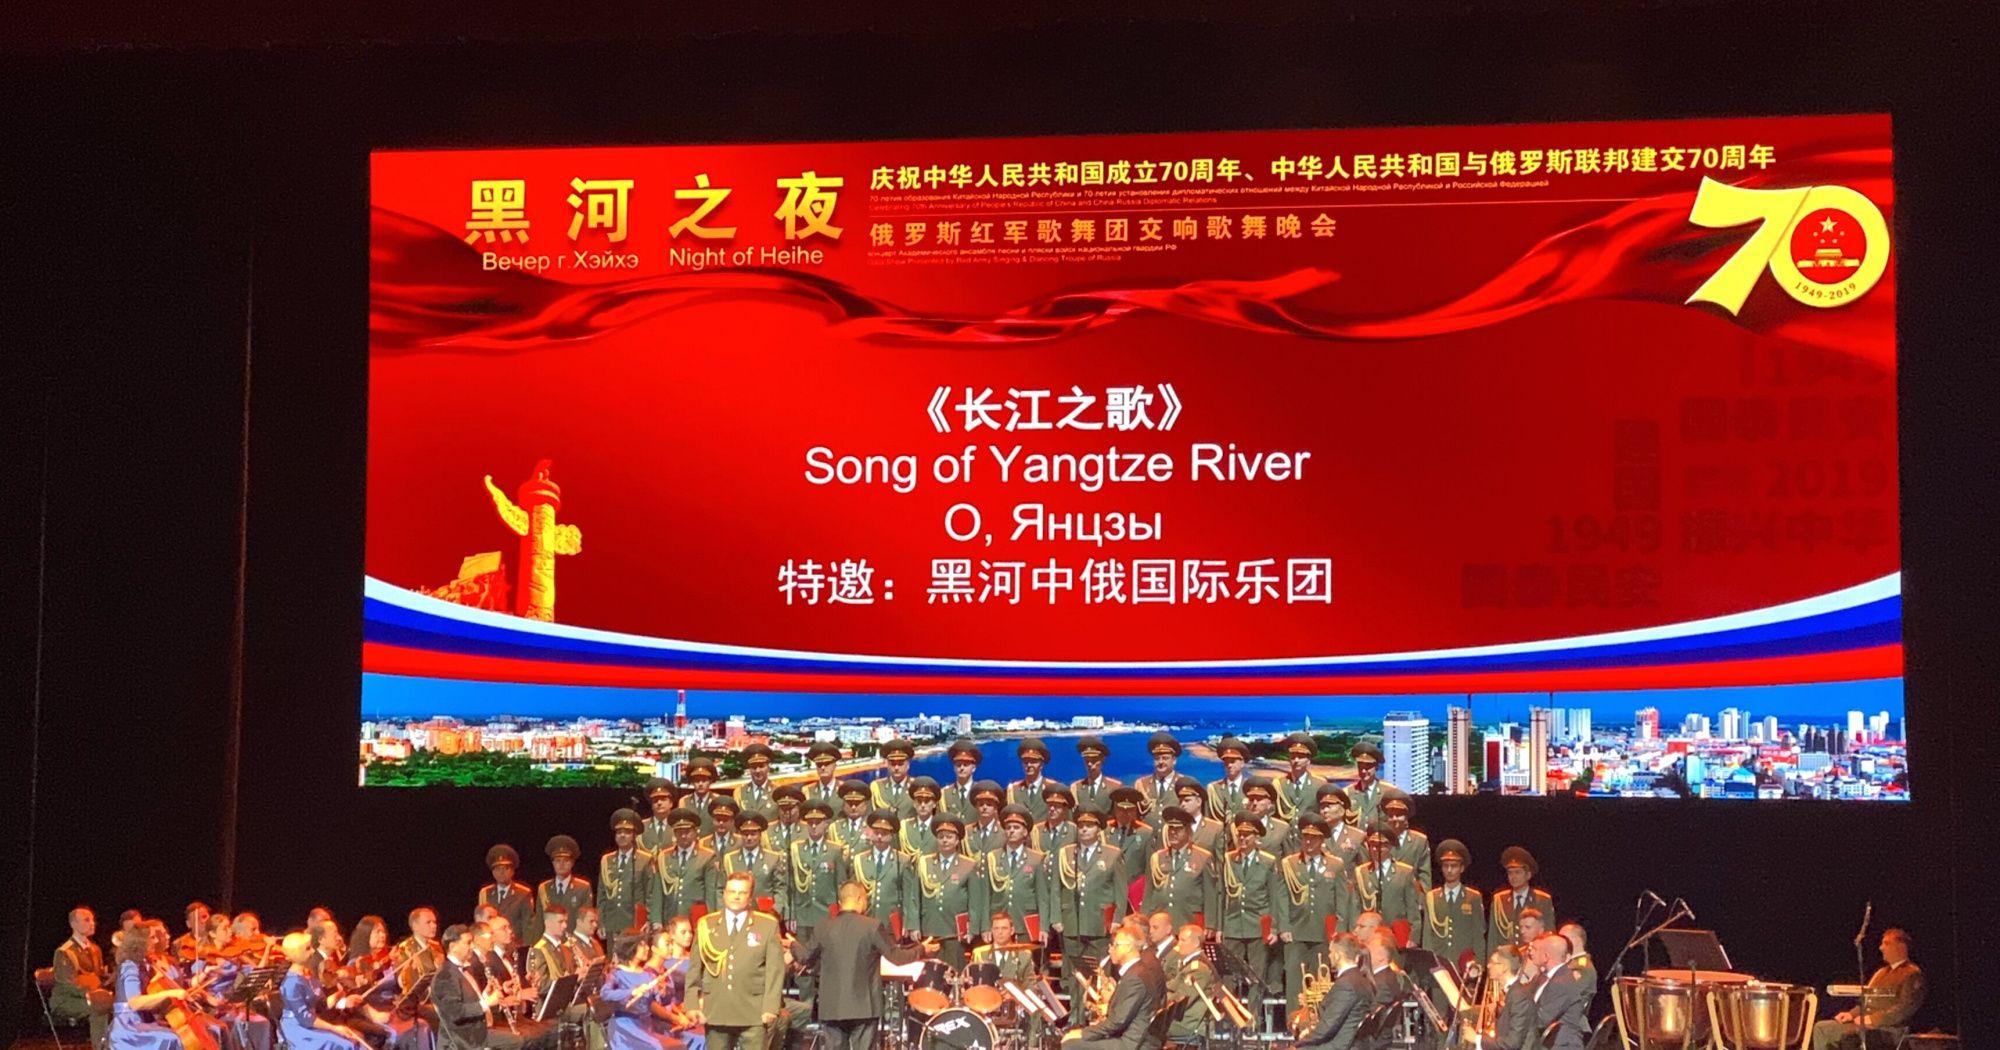 黑河之夜——俄罗斯红军歌舞团交响歌舞晚会在北京举行